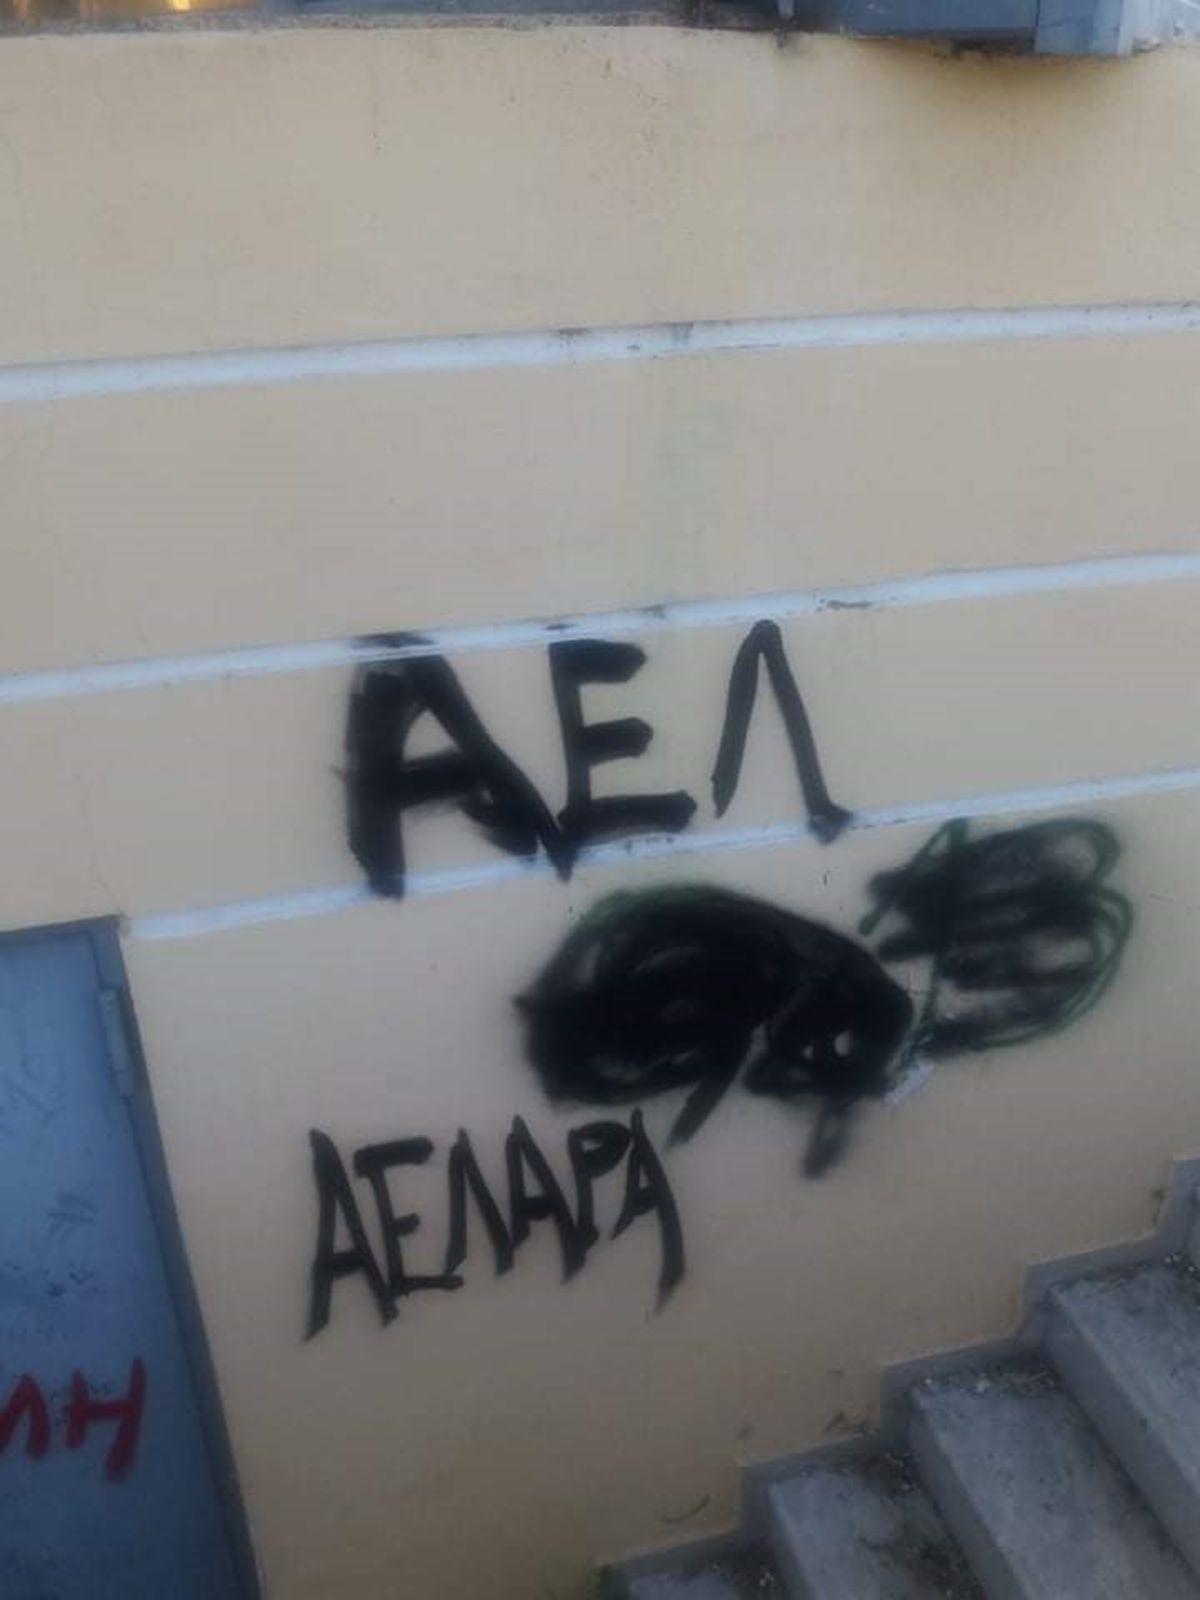 Στη σύλληψη 12 ατόμων για τους βανδαλισμούς στην Ελασσόνα προχώρησε η Αστυνομία (φωτο)